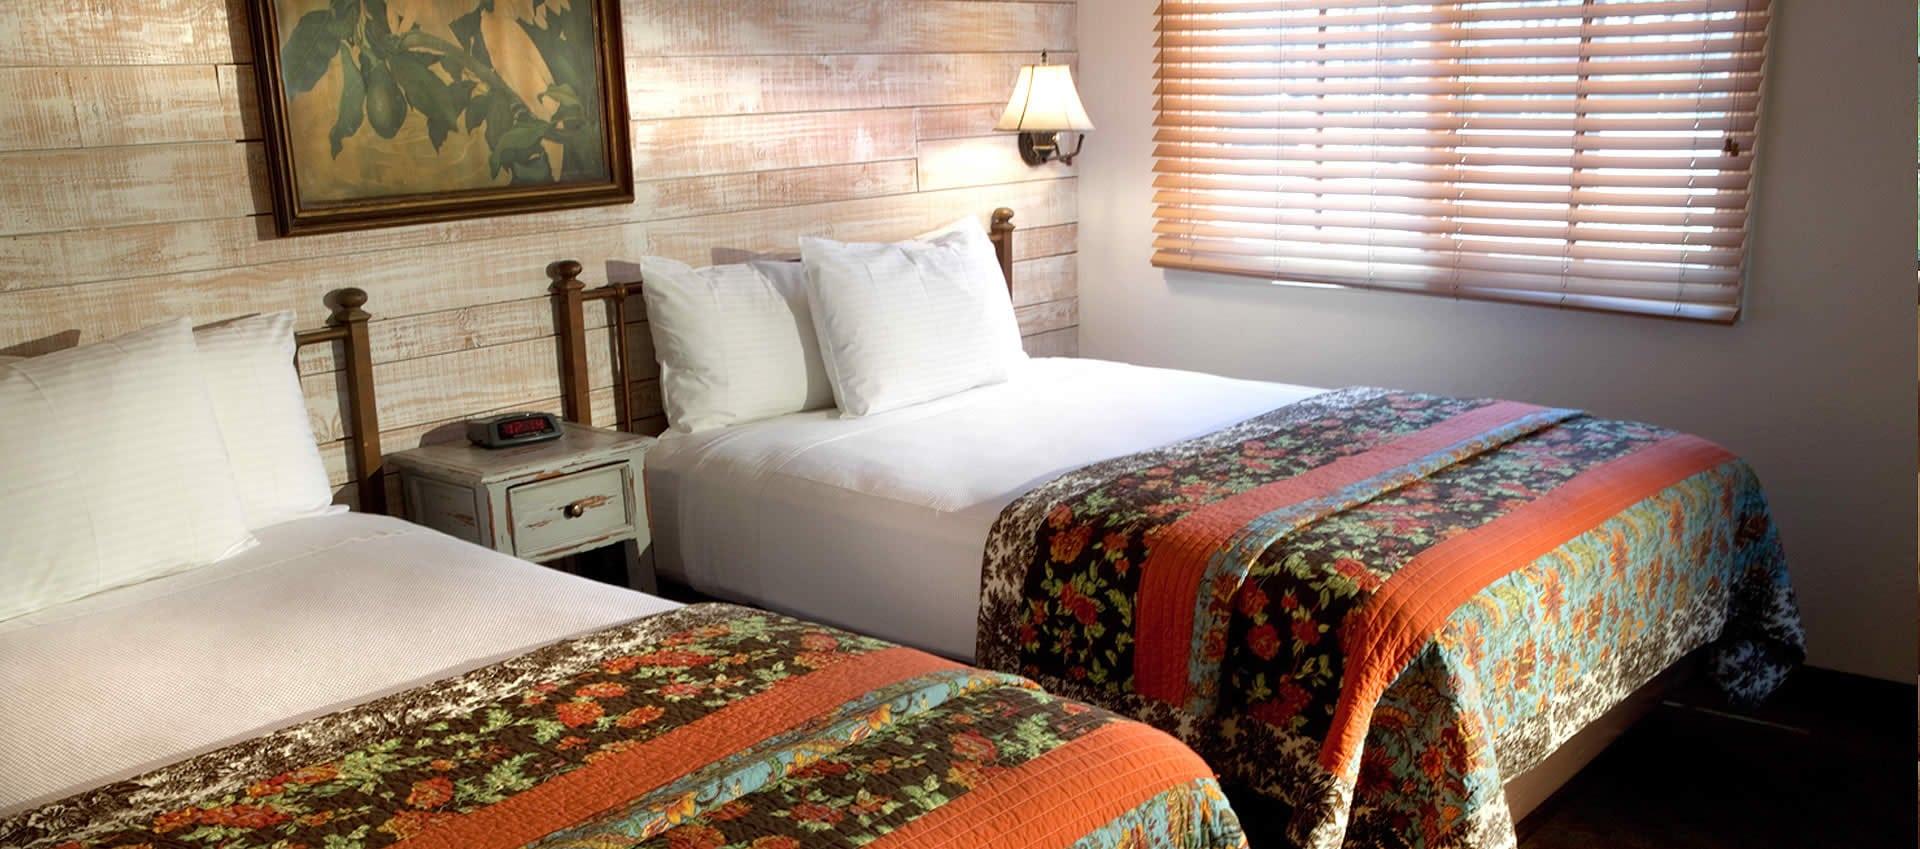 HotelCA_pic_doub_queen1